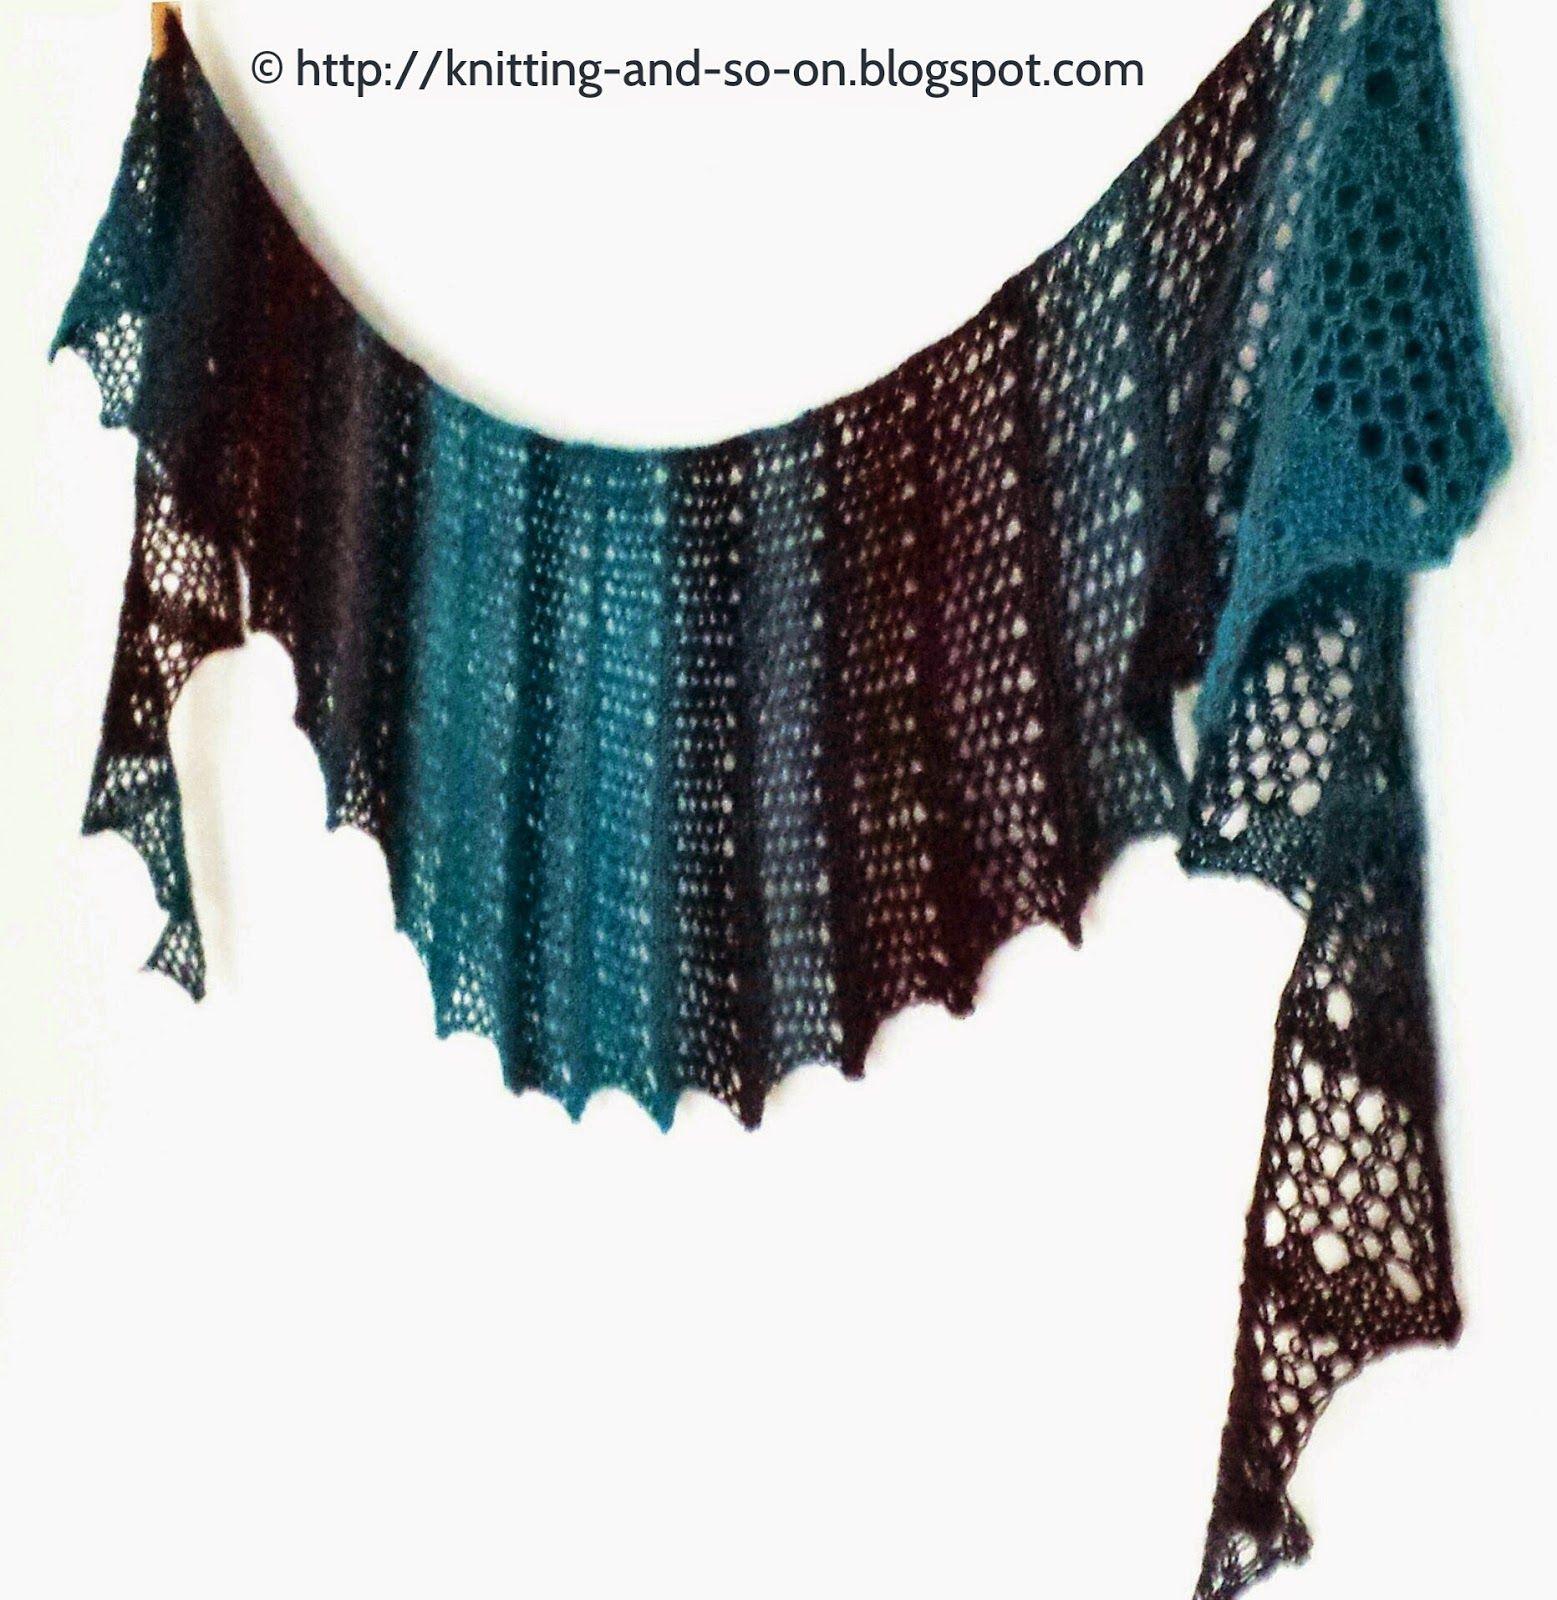 Free knitting pattern seifenblasen lace scarf free pattern 35 mm free knitting pattern seifenblasen lace scarf free pattern 35 mm needles straight or circular bankloansurffo Choice Image